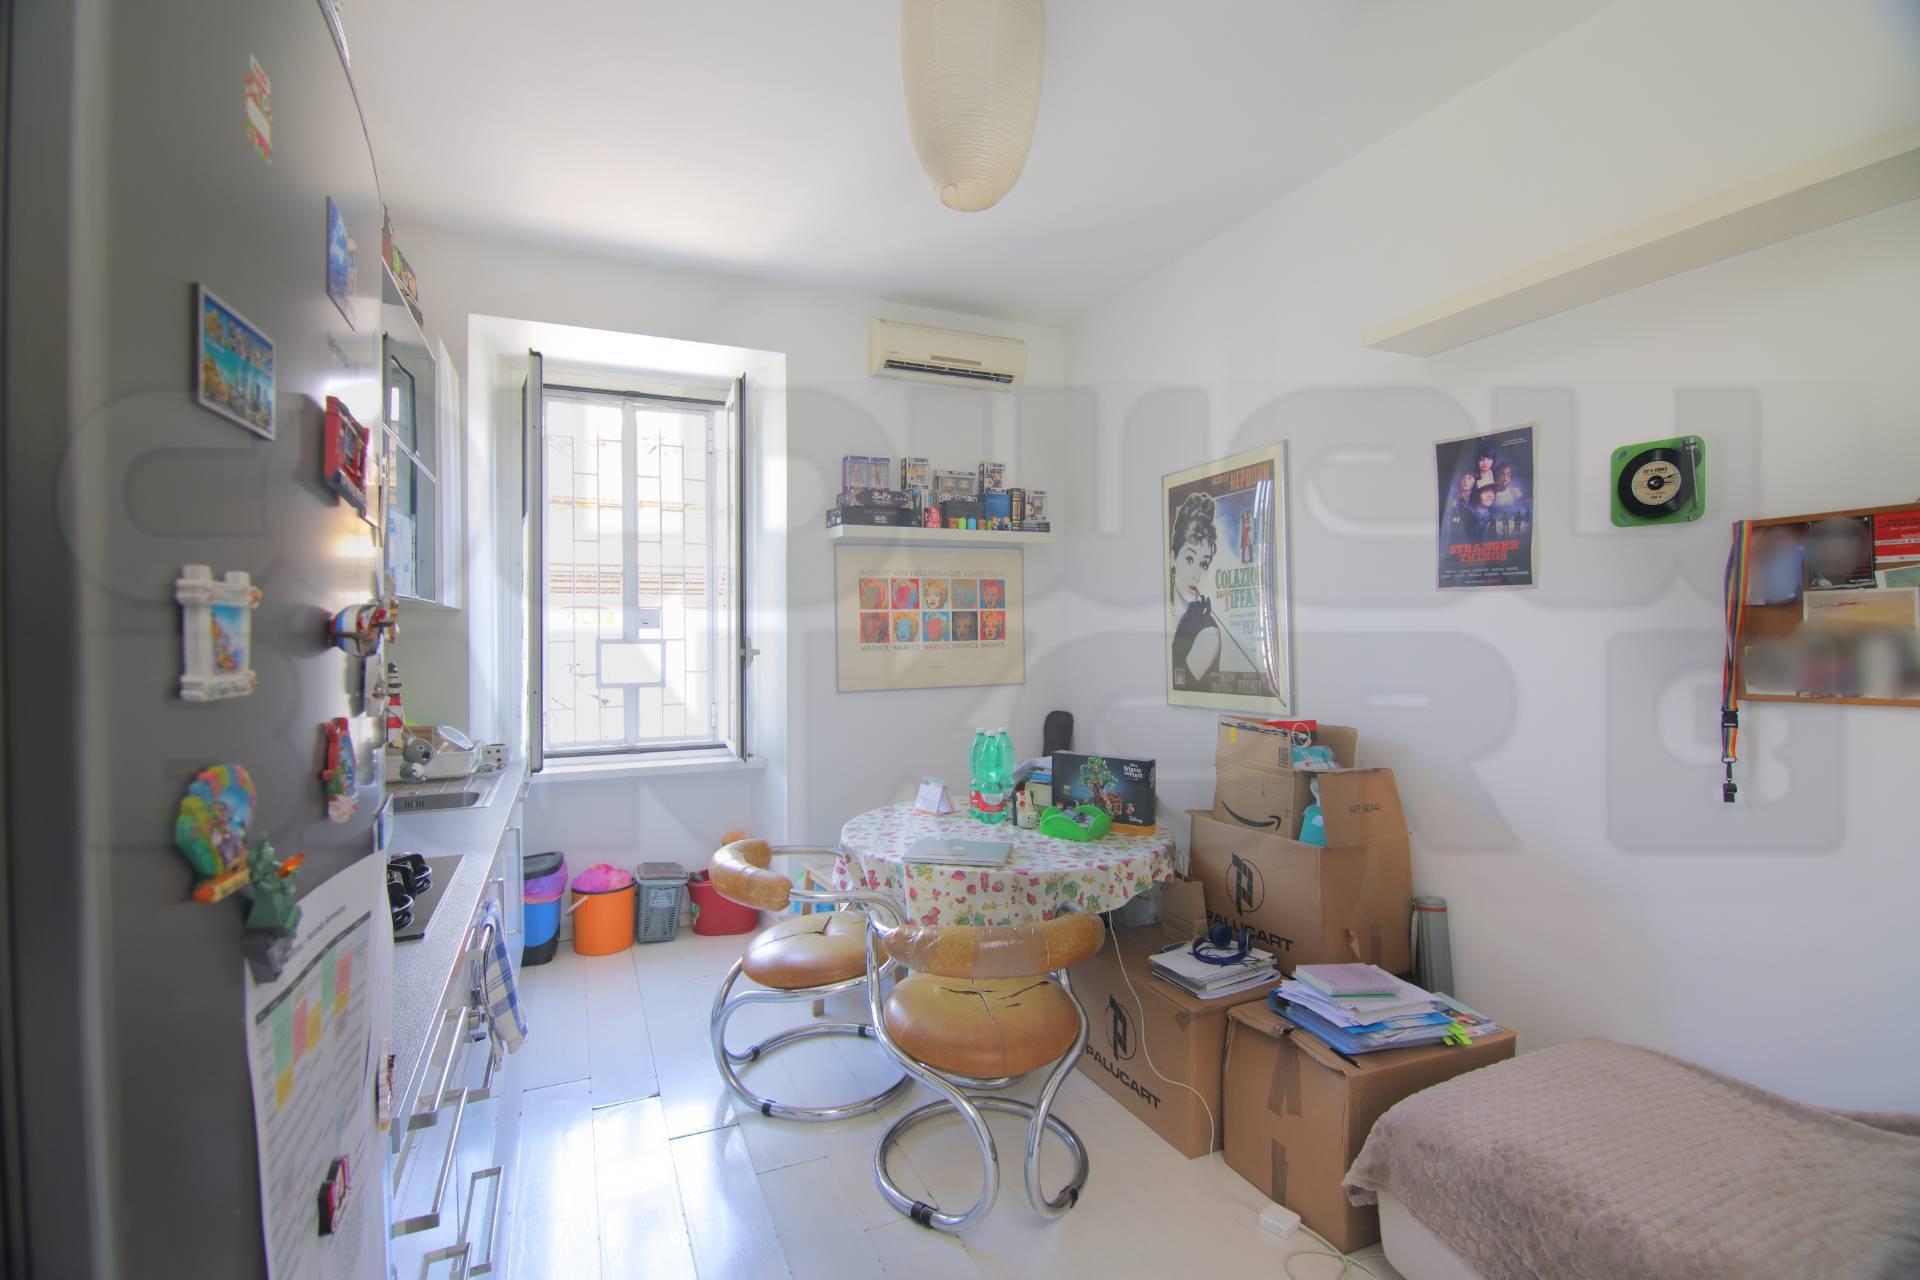 Appartamento in vendita a Roma, 2 locali, zona Zona: 25 . Trastevere - Testaccio, prezzo € 199.000 | CambioCasa.it